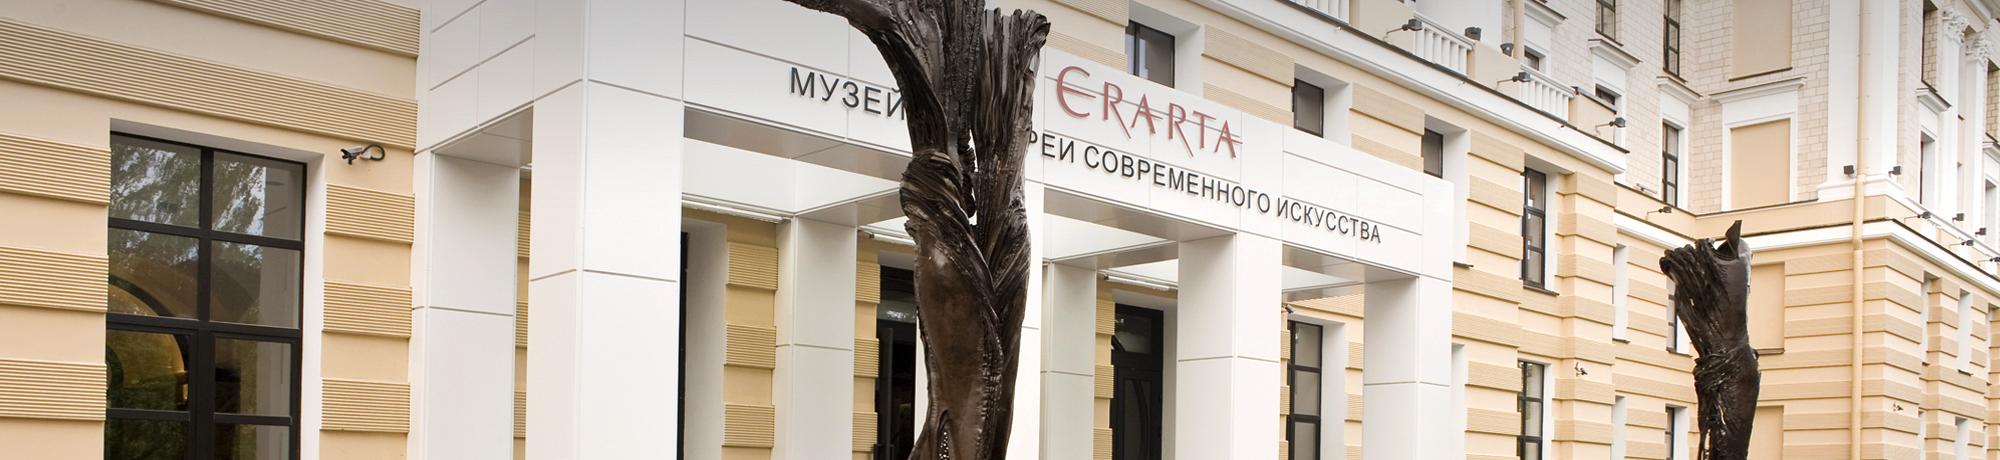 Музей и галереи современного искусства «Эрарта»